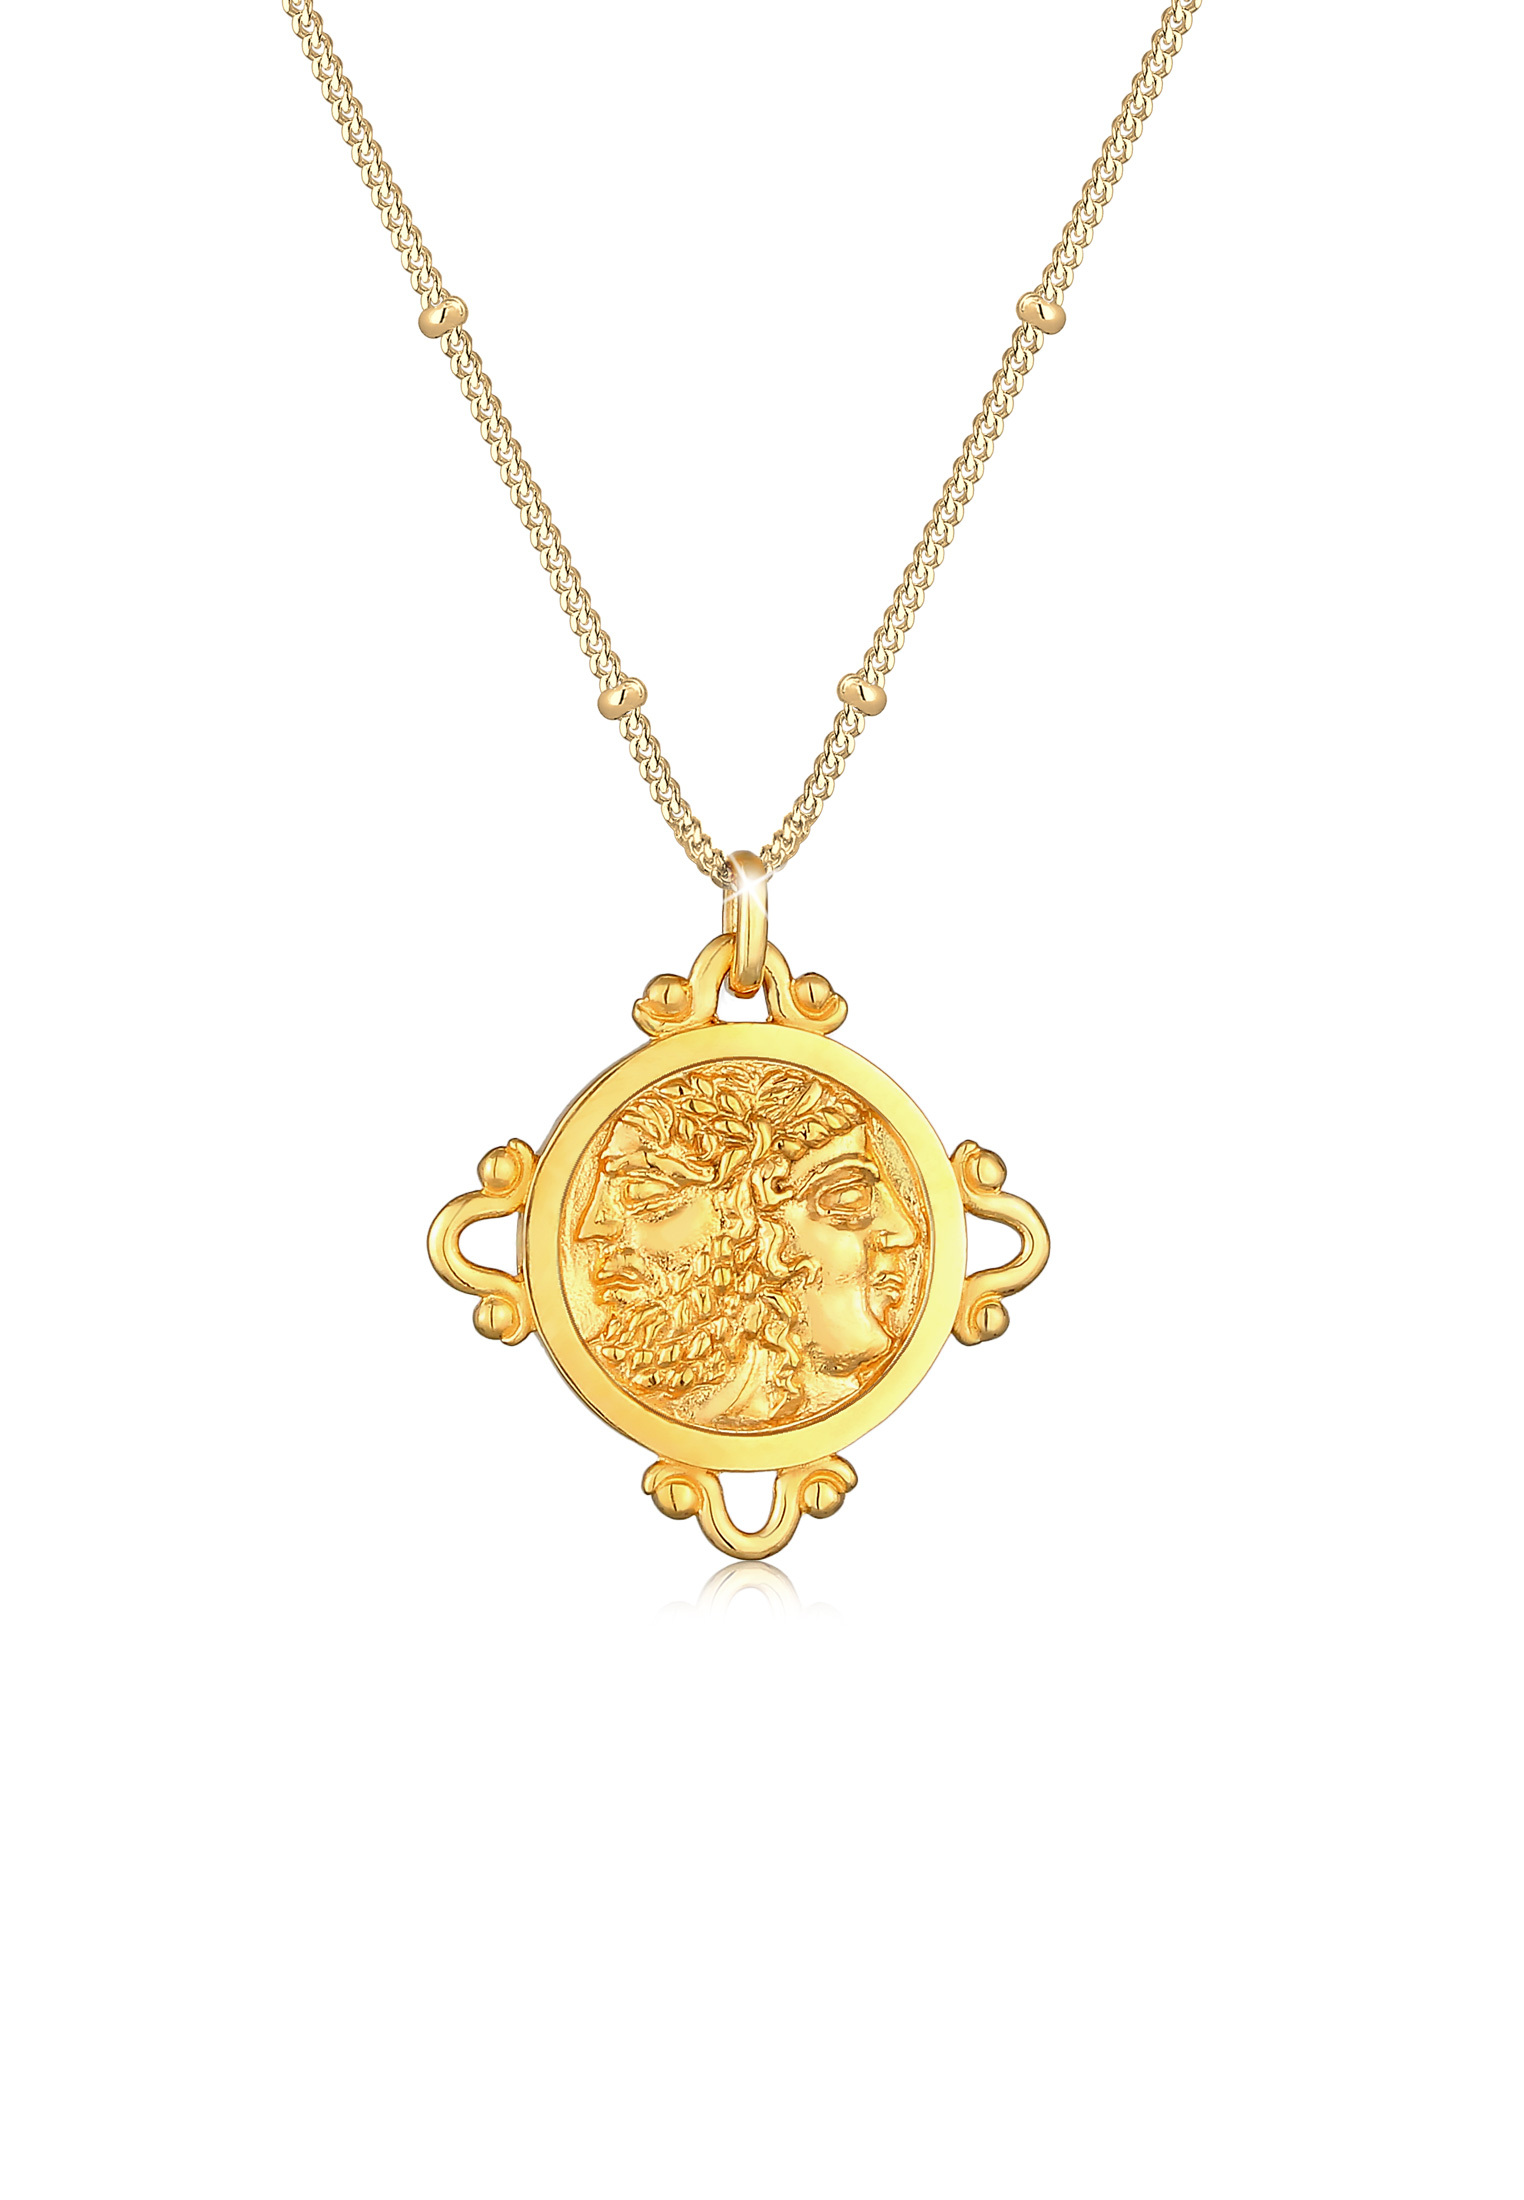 Kugel-Halskette Münze | 925 Sterling Silber vergoldet